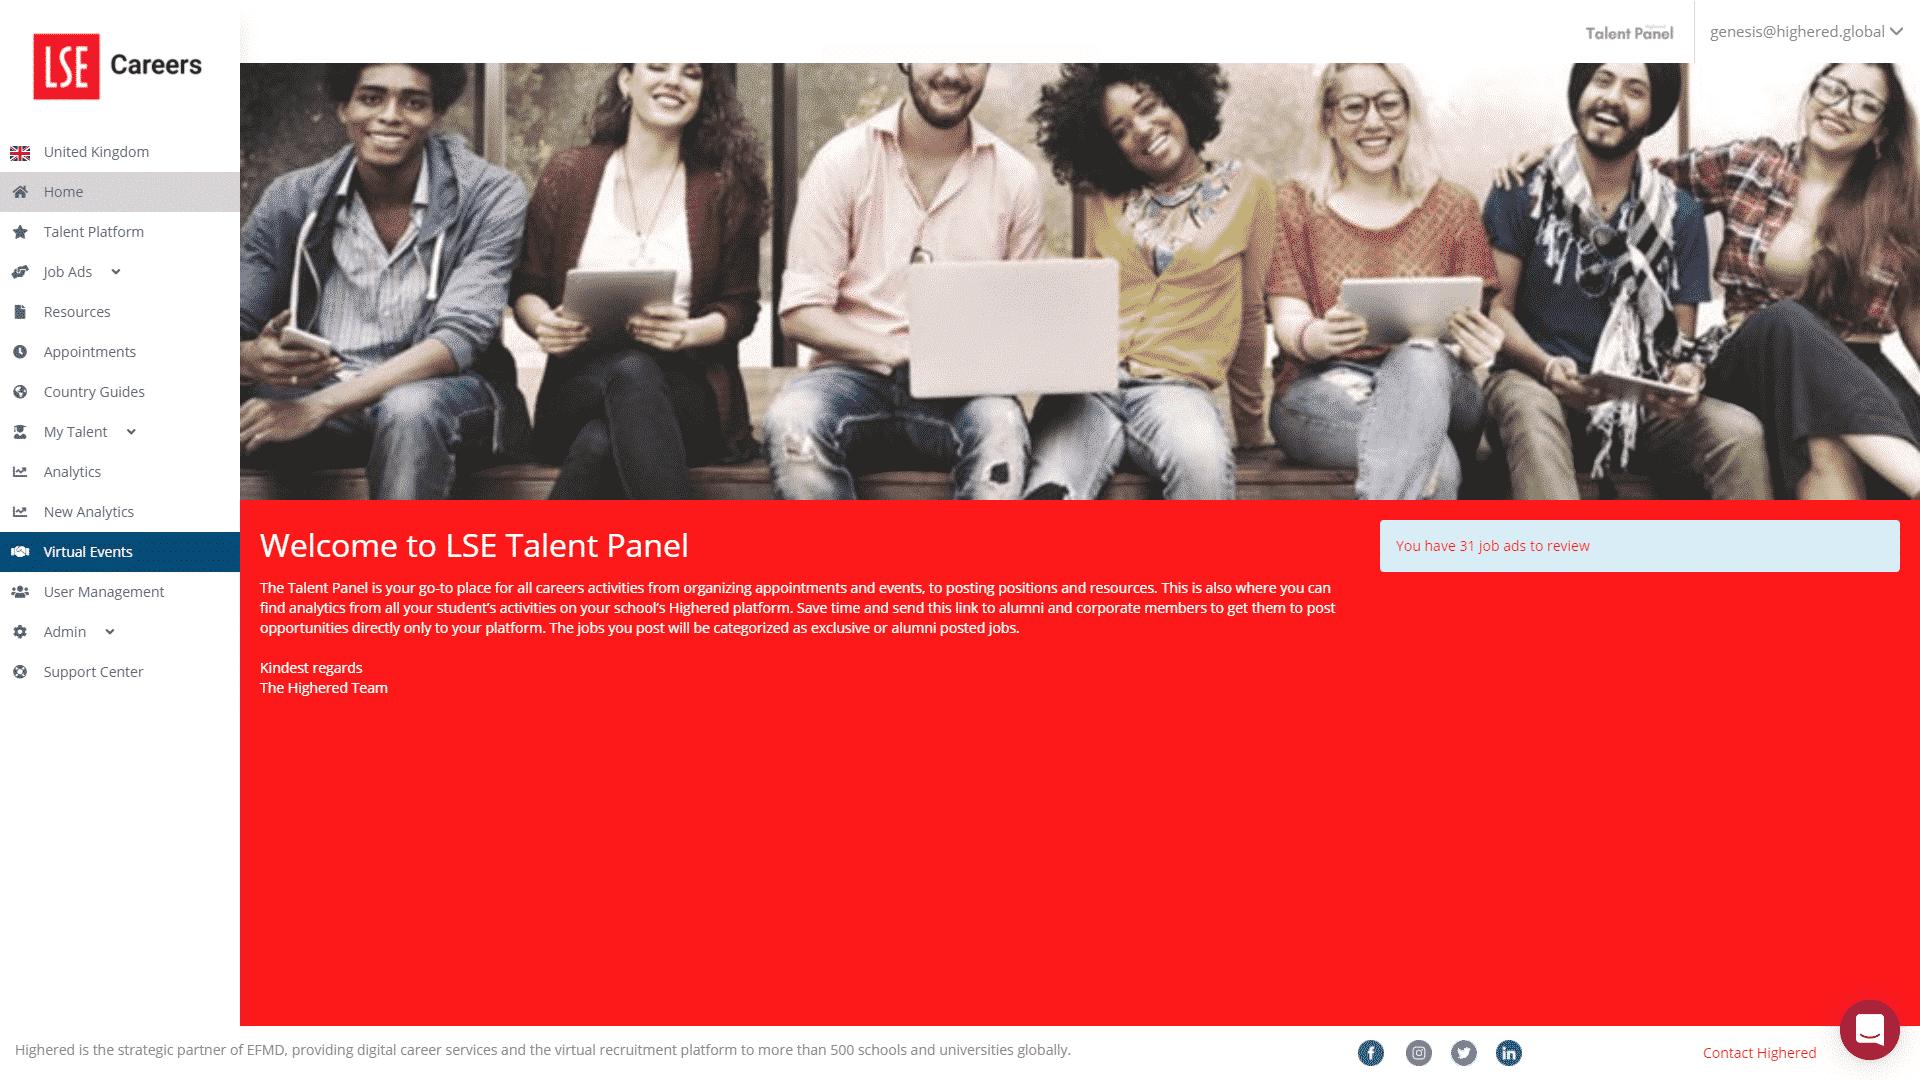 LSE Talent Panel